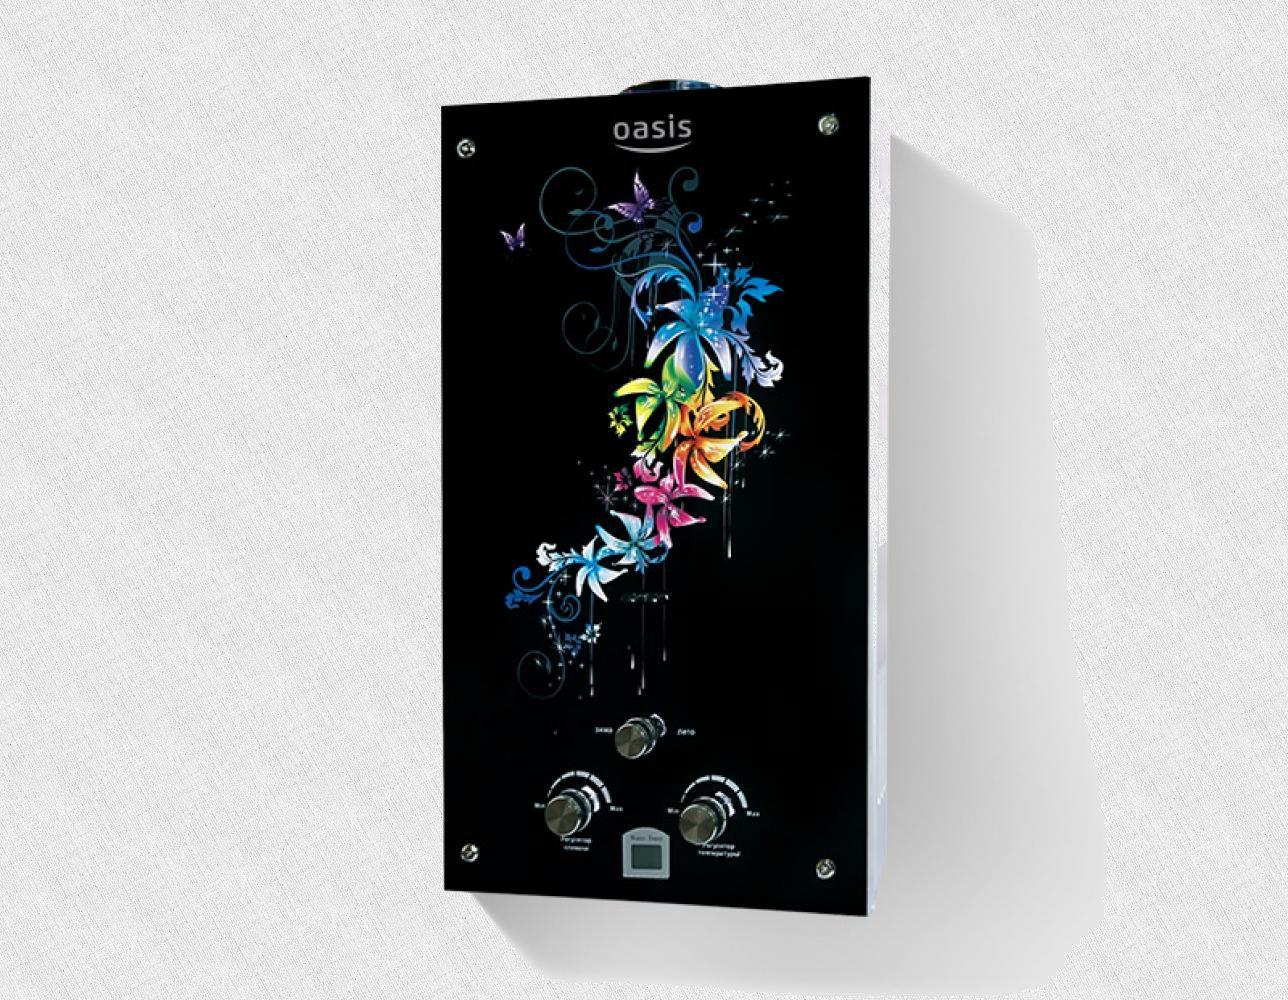 Oasis Glass 24RG